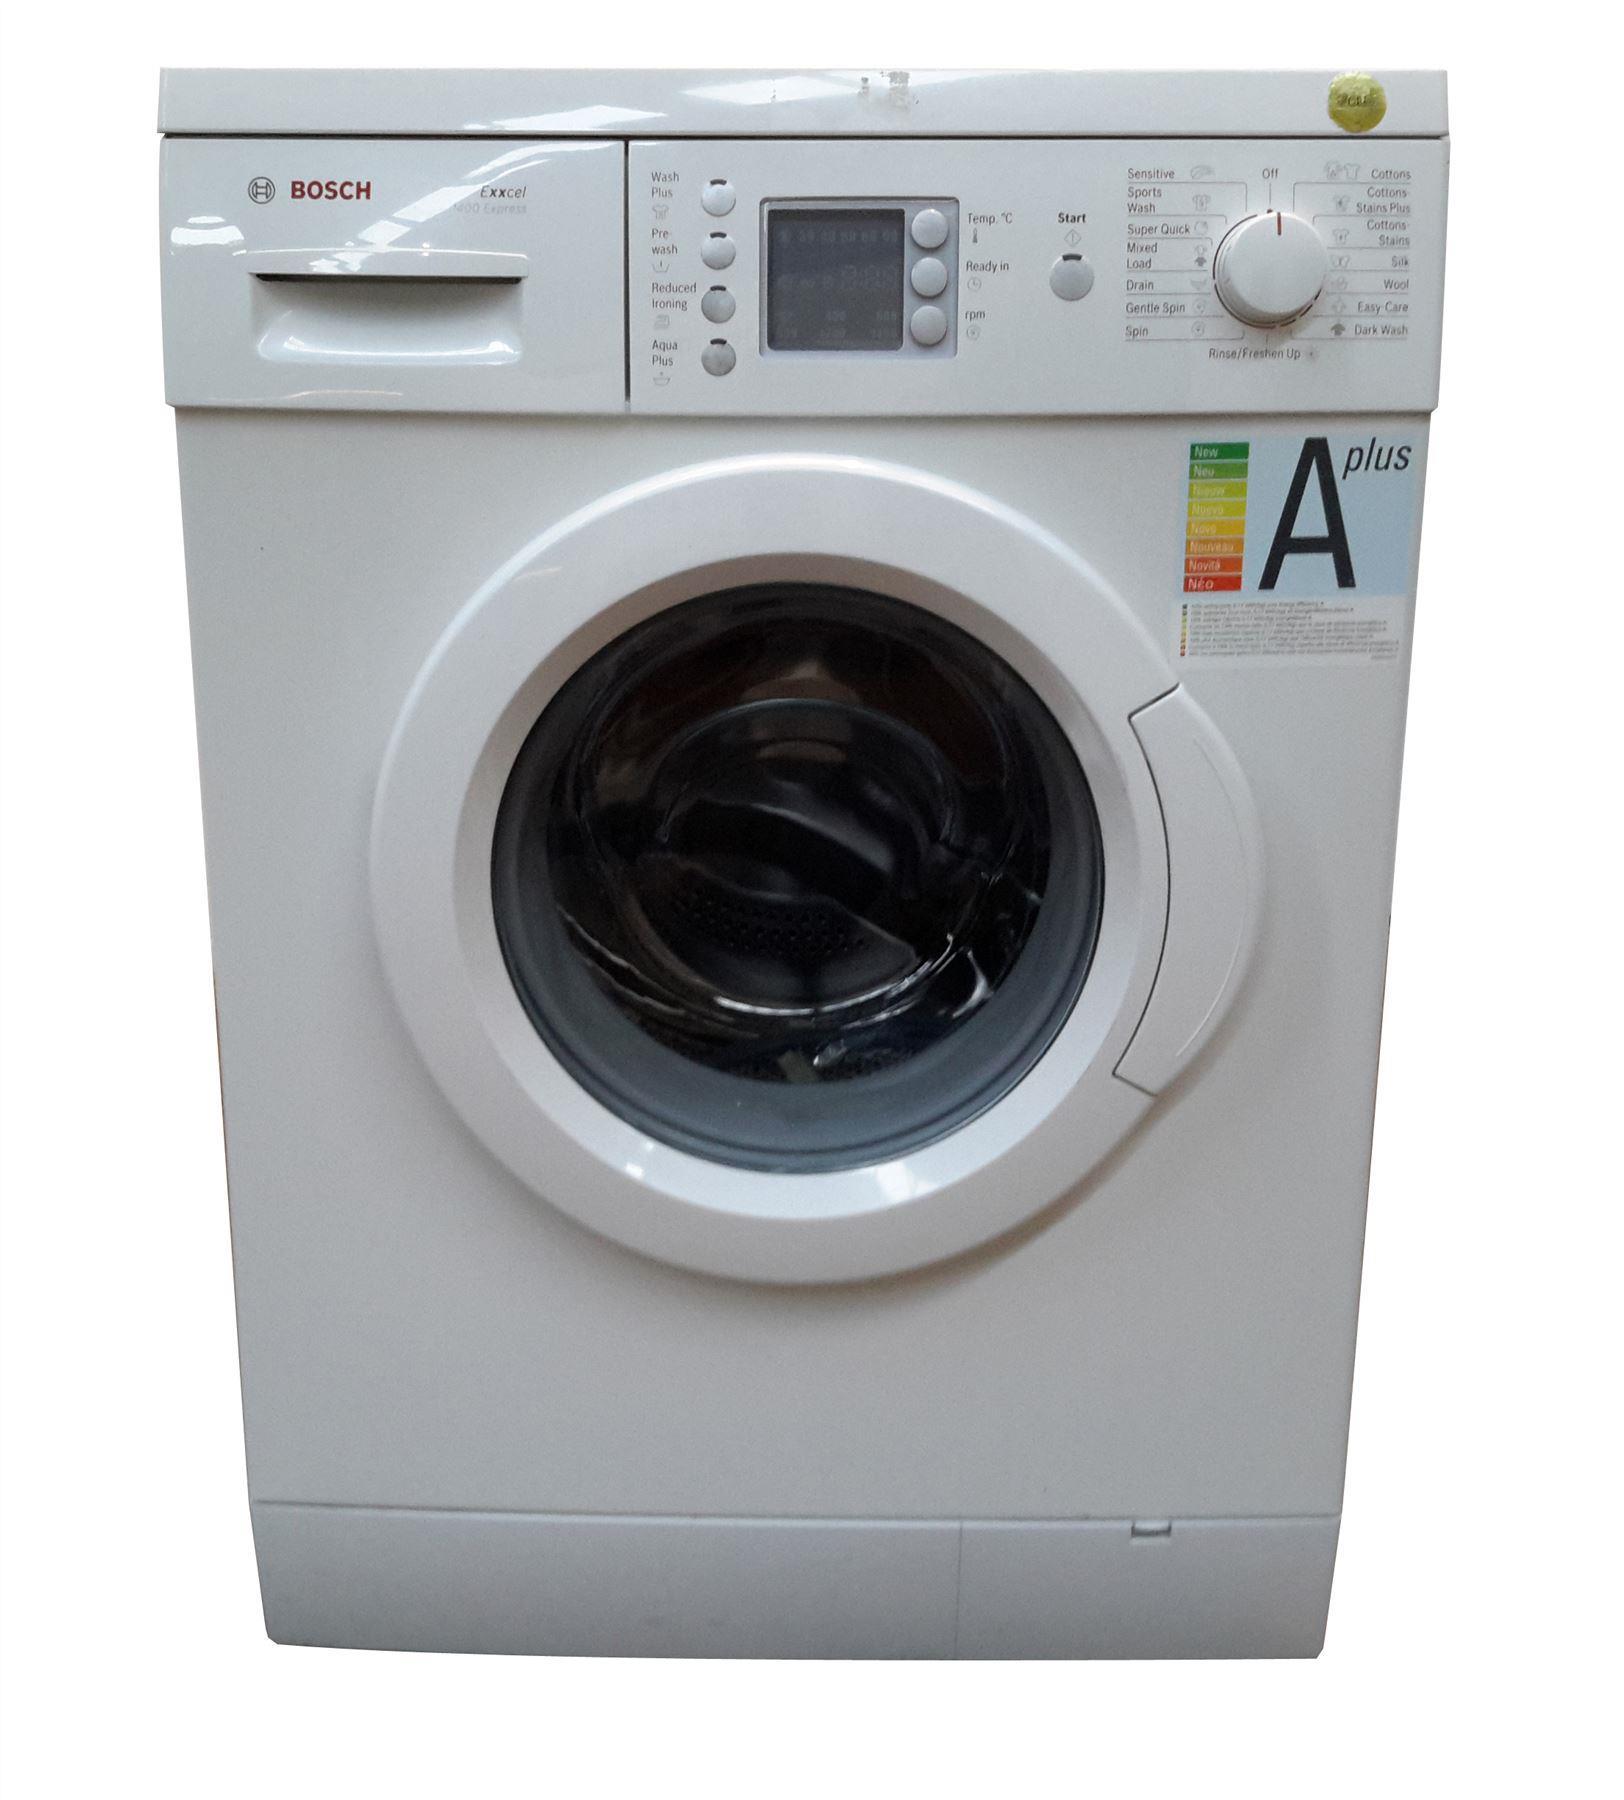 Wae28465gb bosch exxcel 1400 washing machine white for Bosch online shop